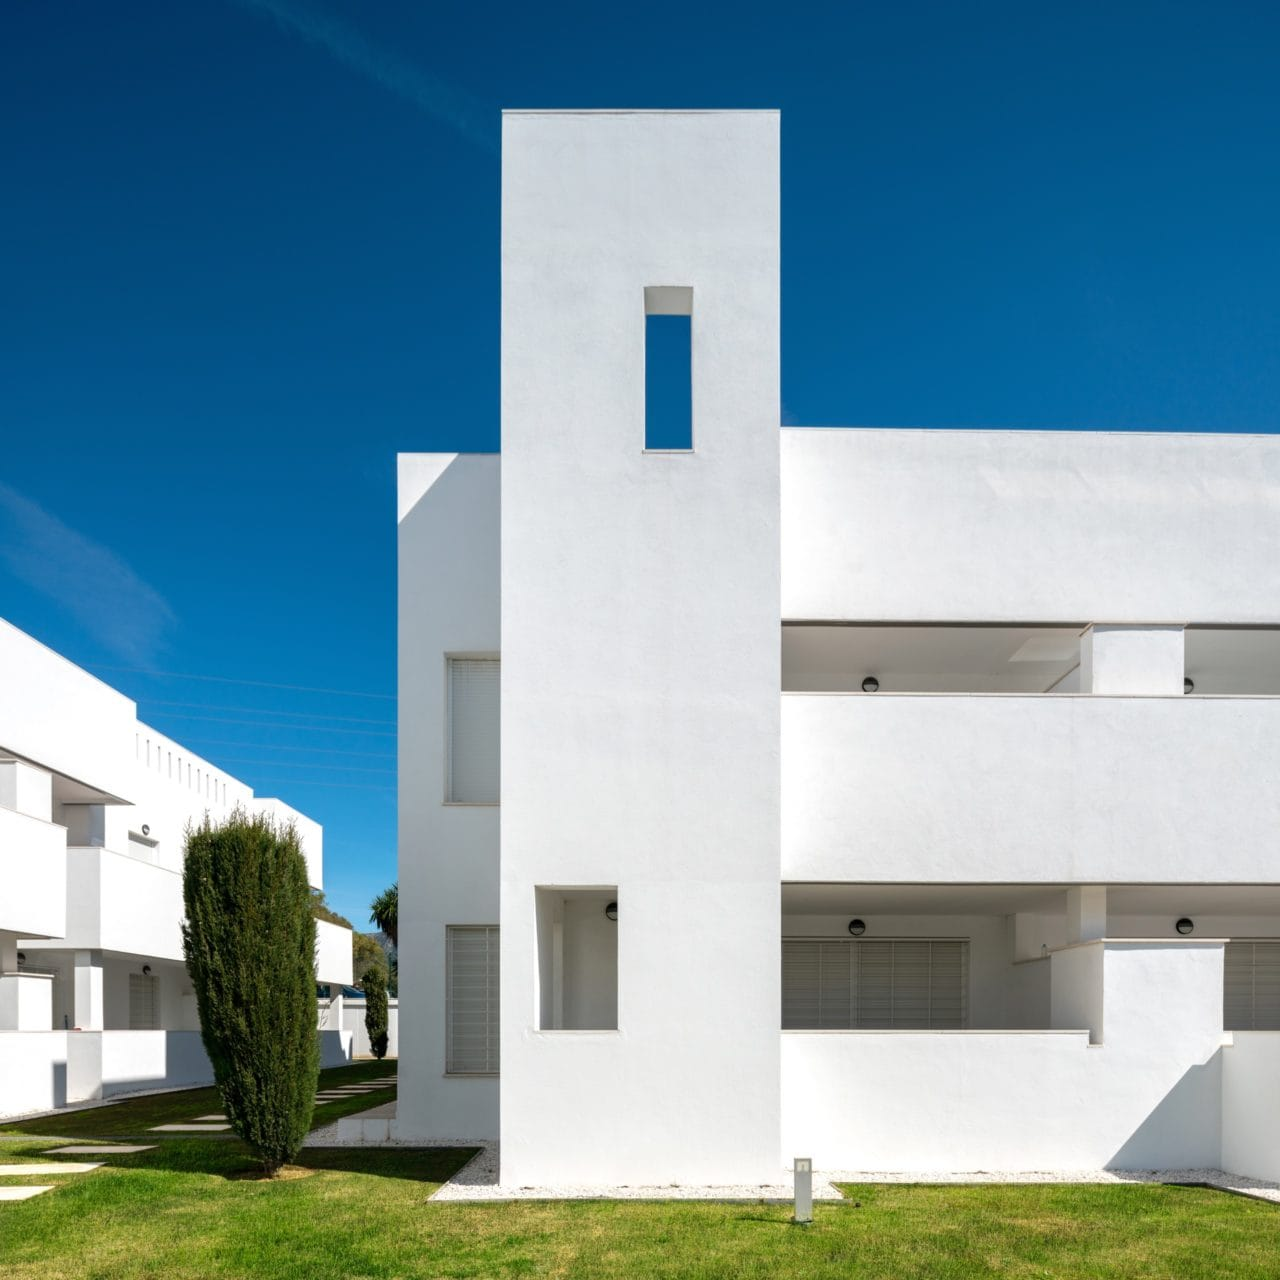 Detalle de una de las viviendas, marcada por la geometría clara y líneas rectas